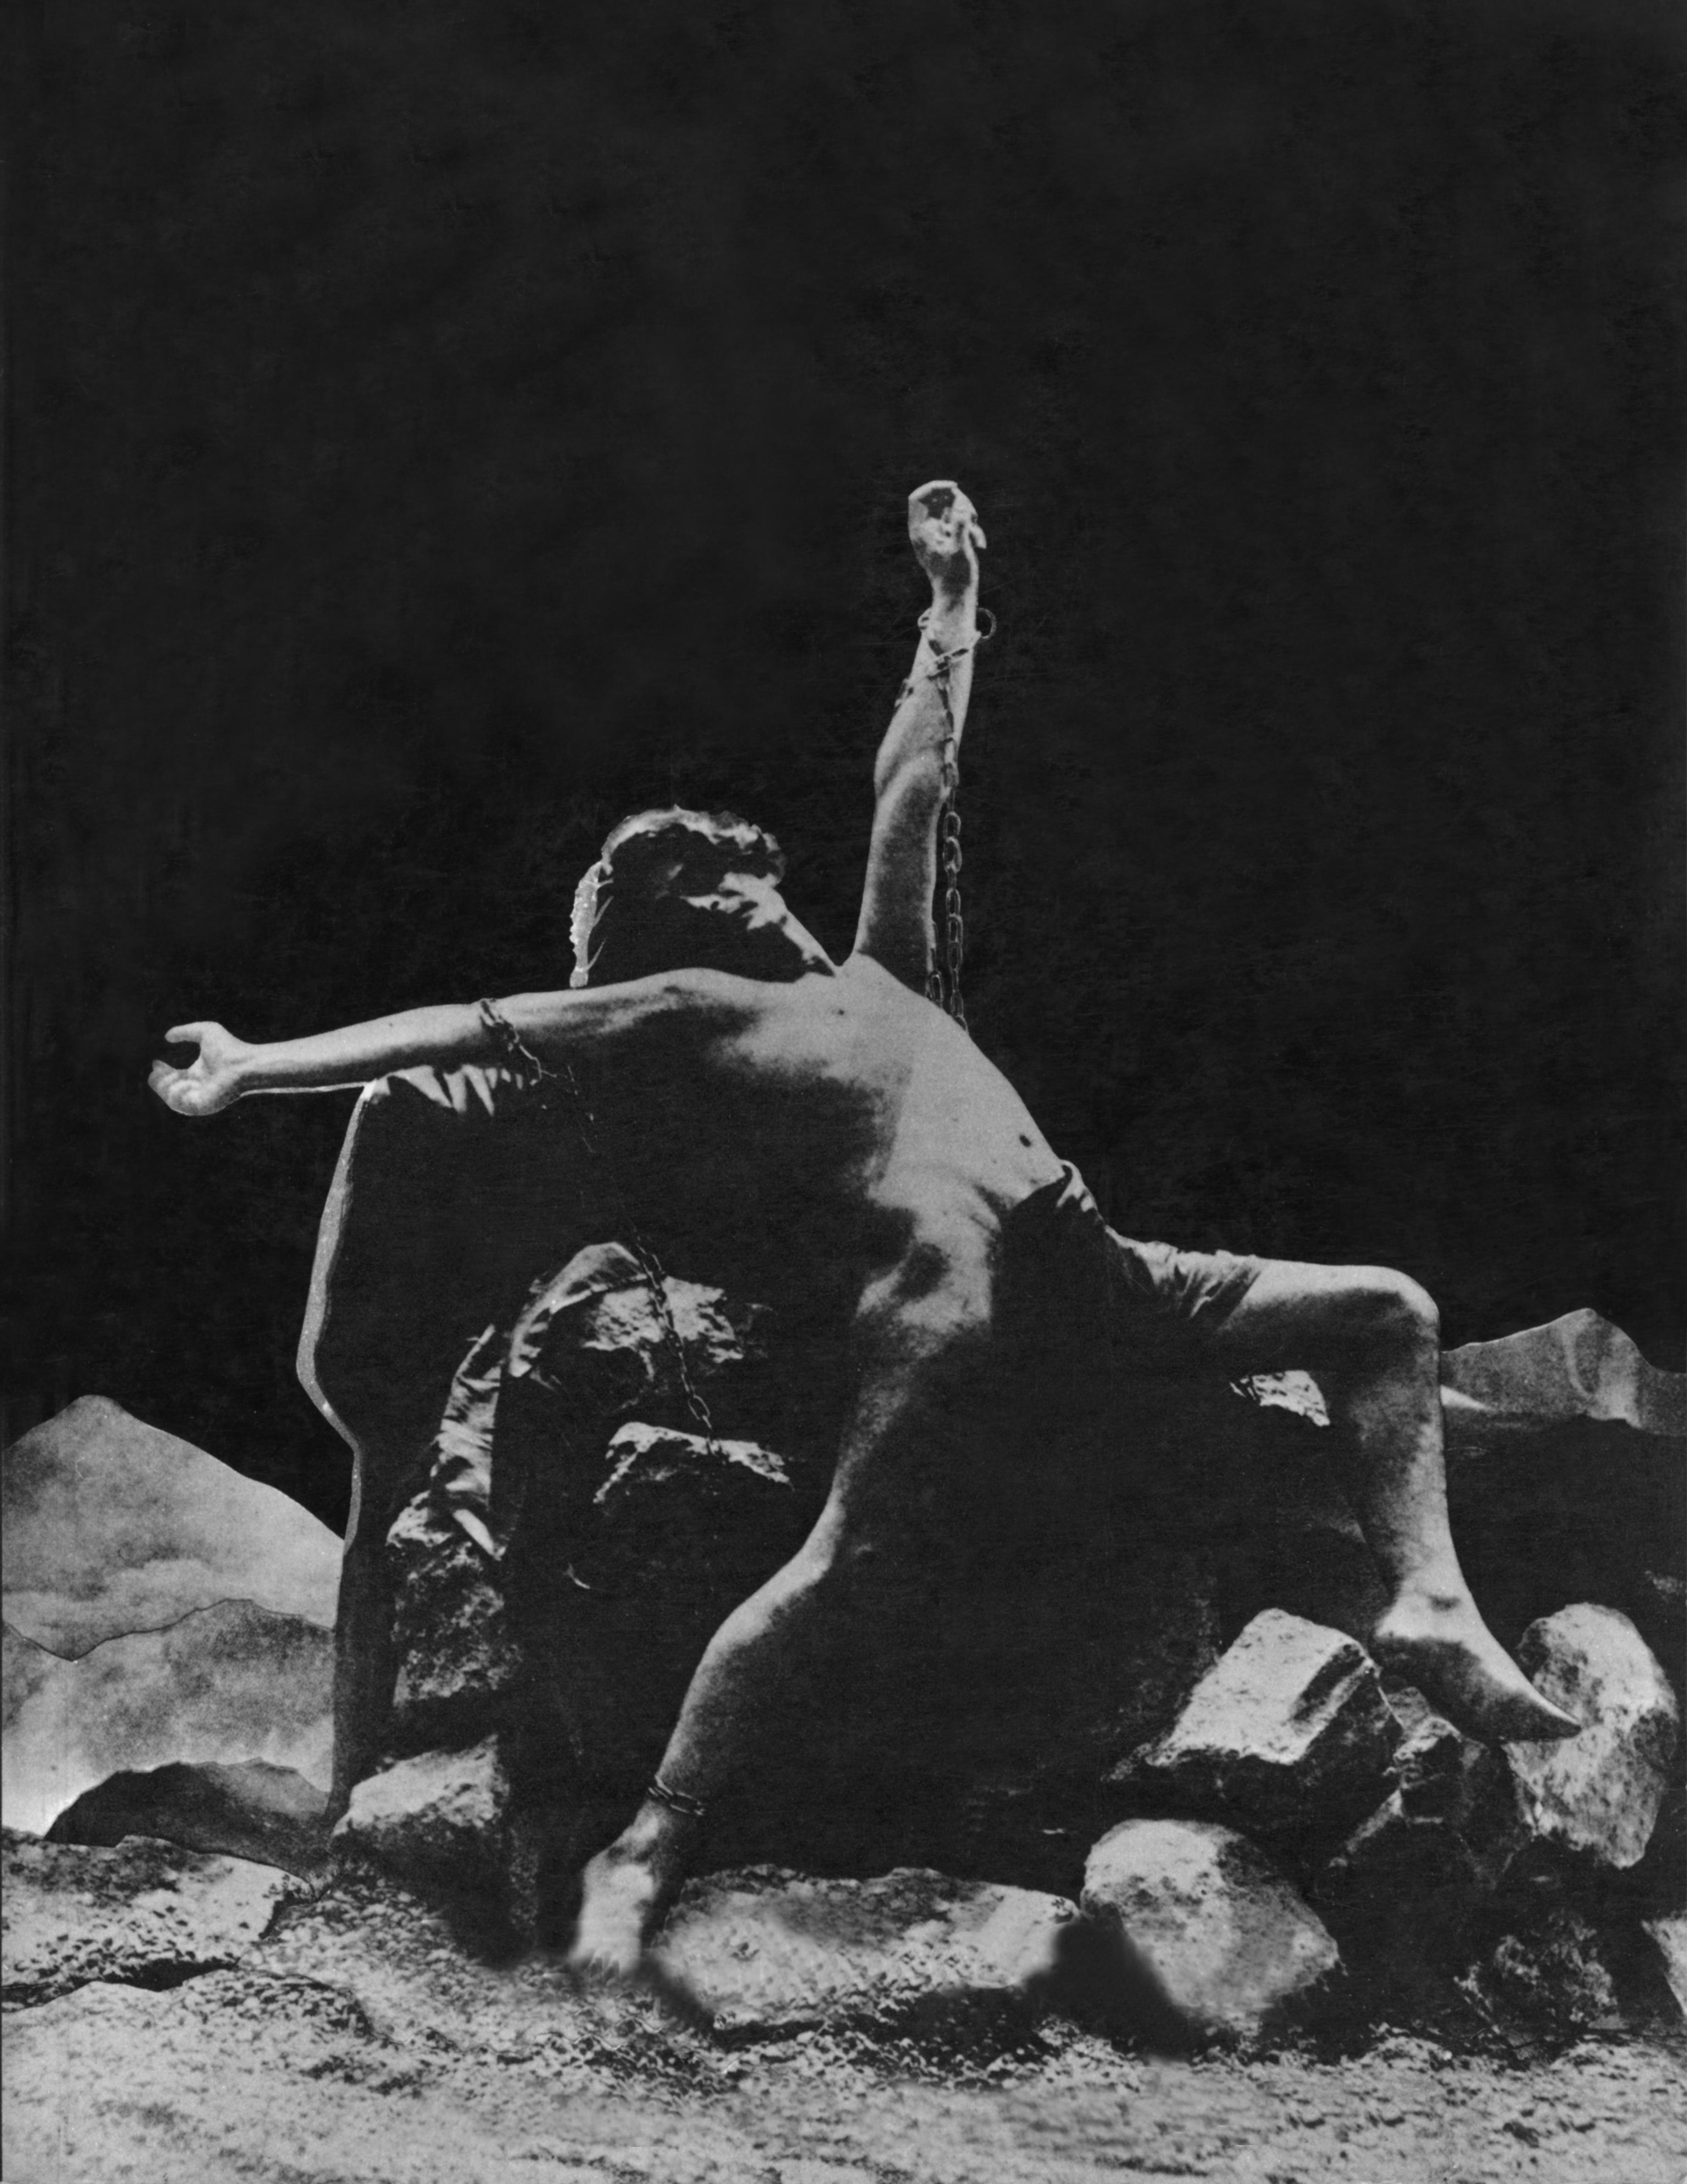 Prométhée de Jean Lorrain, musique de Gabriel Fauré, aux arènes de Béziers en 1900